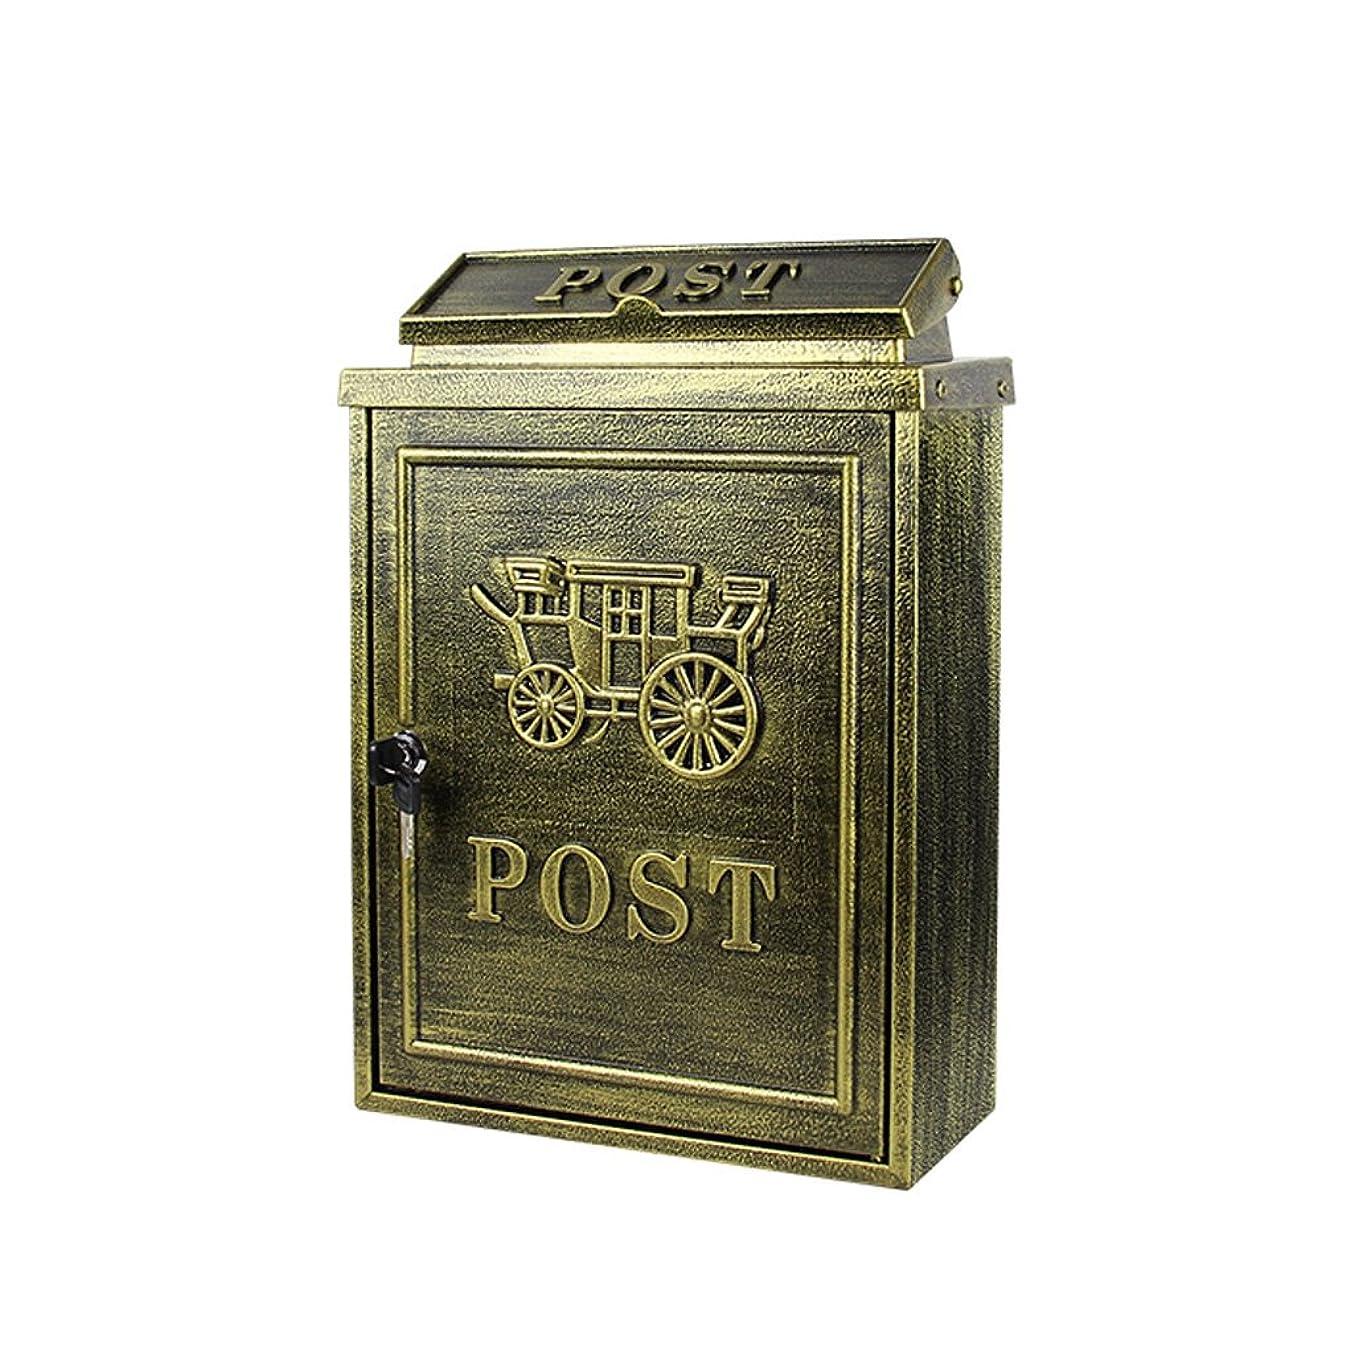 ゴシップ家主天窓GLJJQMY ヨーロッパのレターボックス屋外雨水ヴィラのメールボックスの壁掛けロックポストボックス大きな農村創造的なレターボックス メールボックス